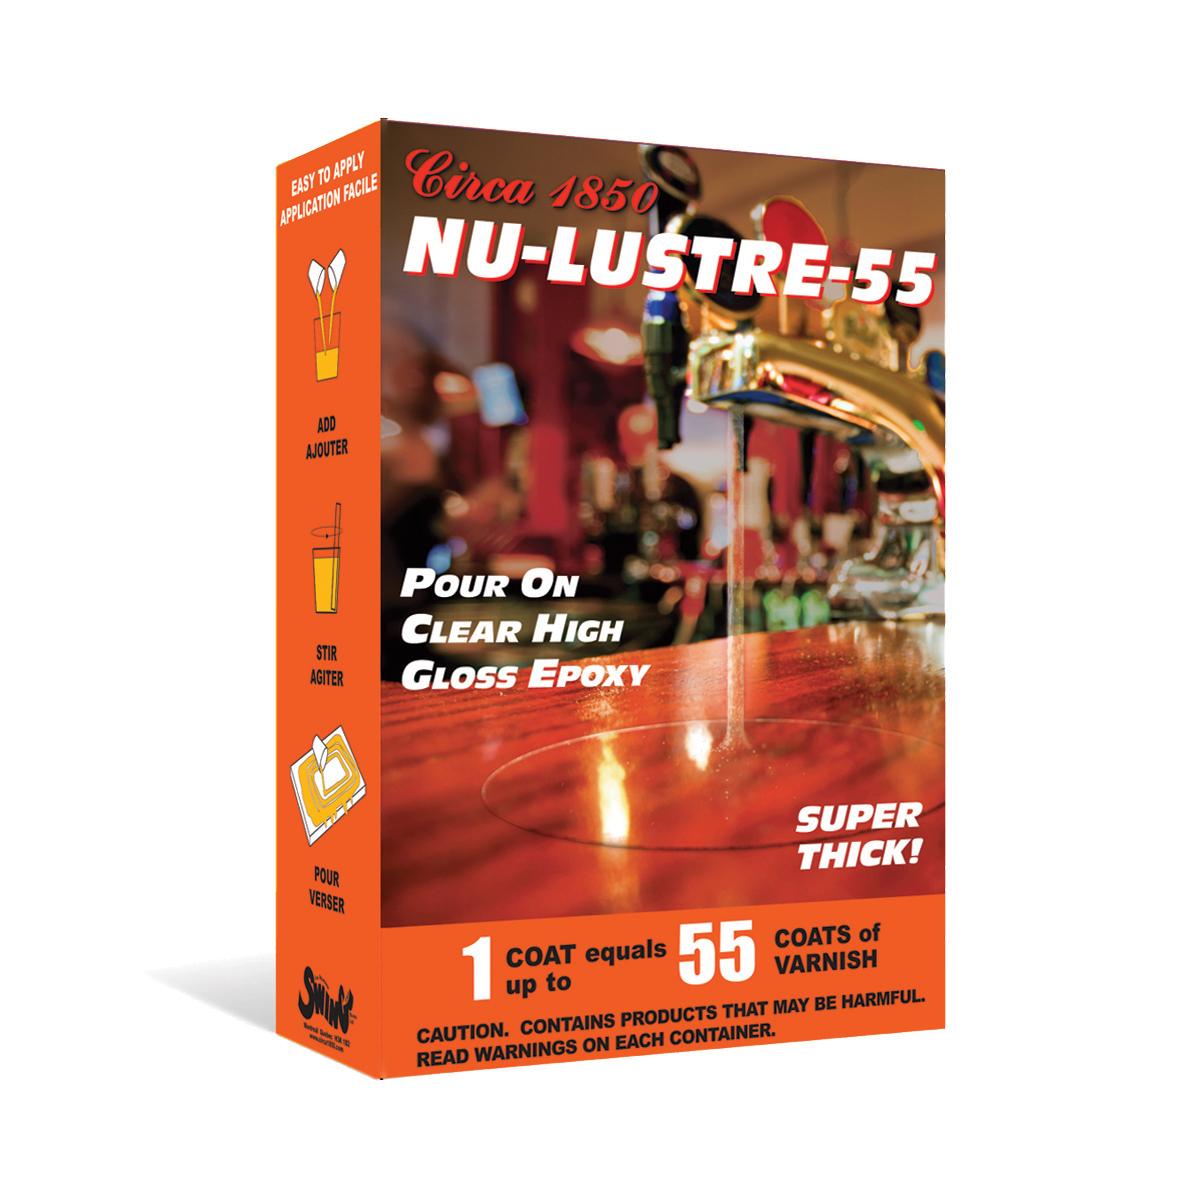 Nu-Lustre-55 - quart